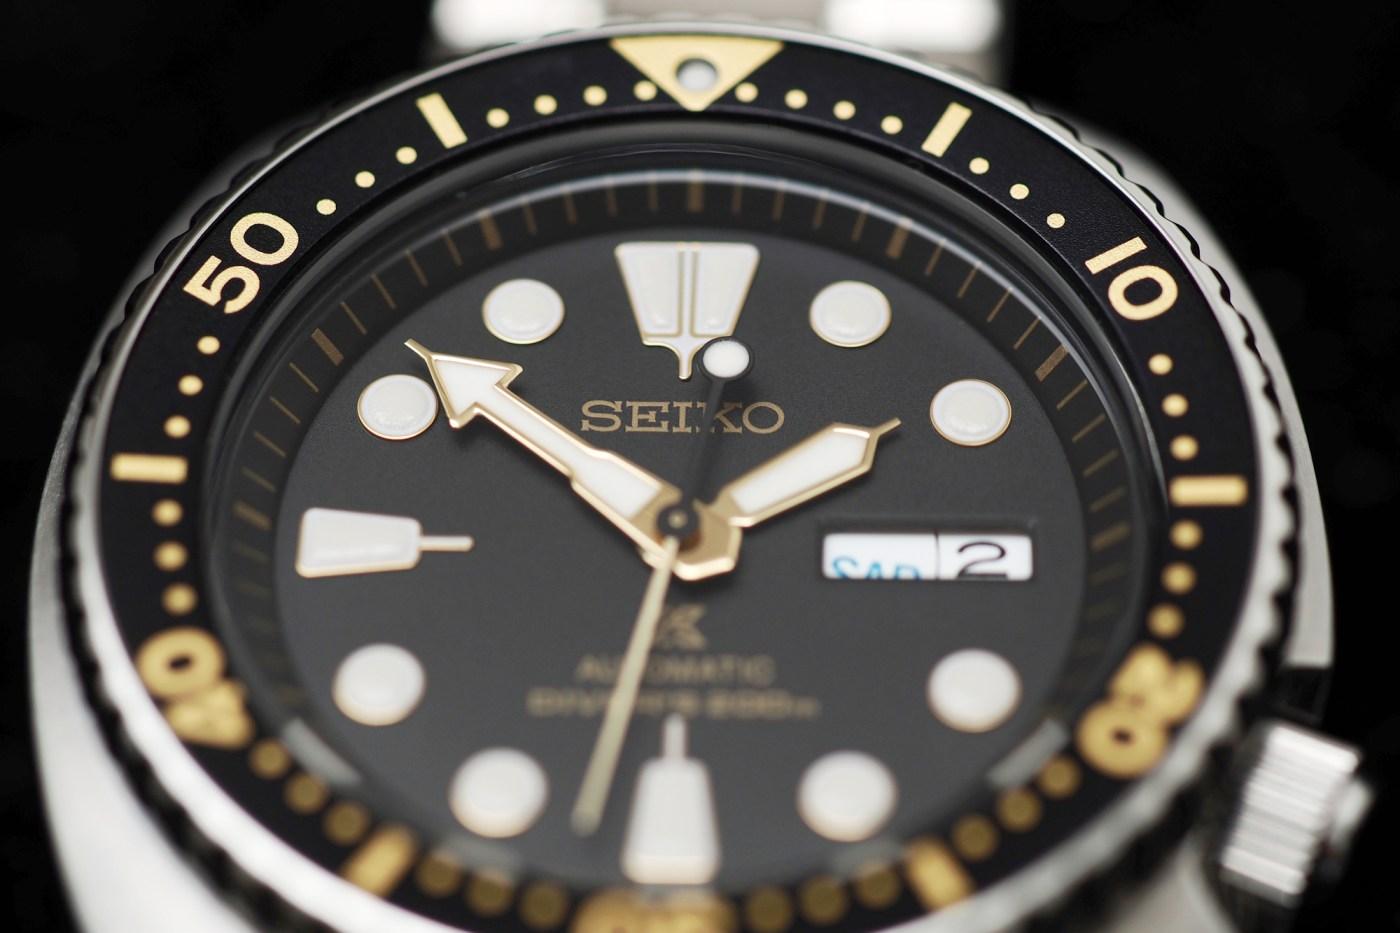 Seiko Prospex SRP775 Diver